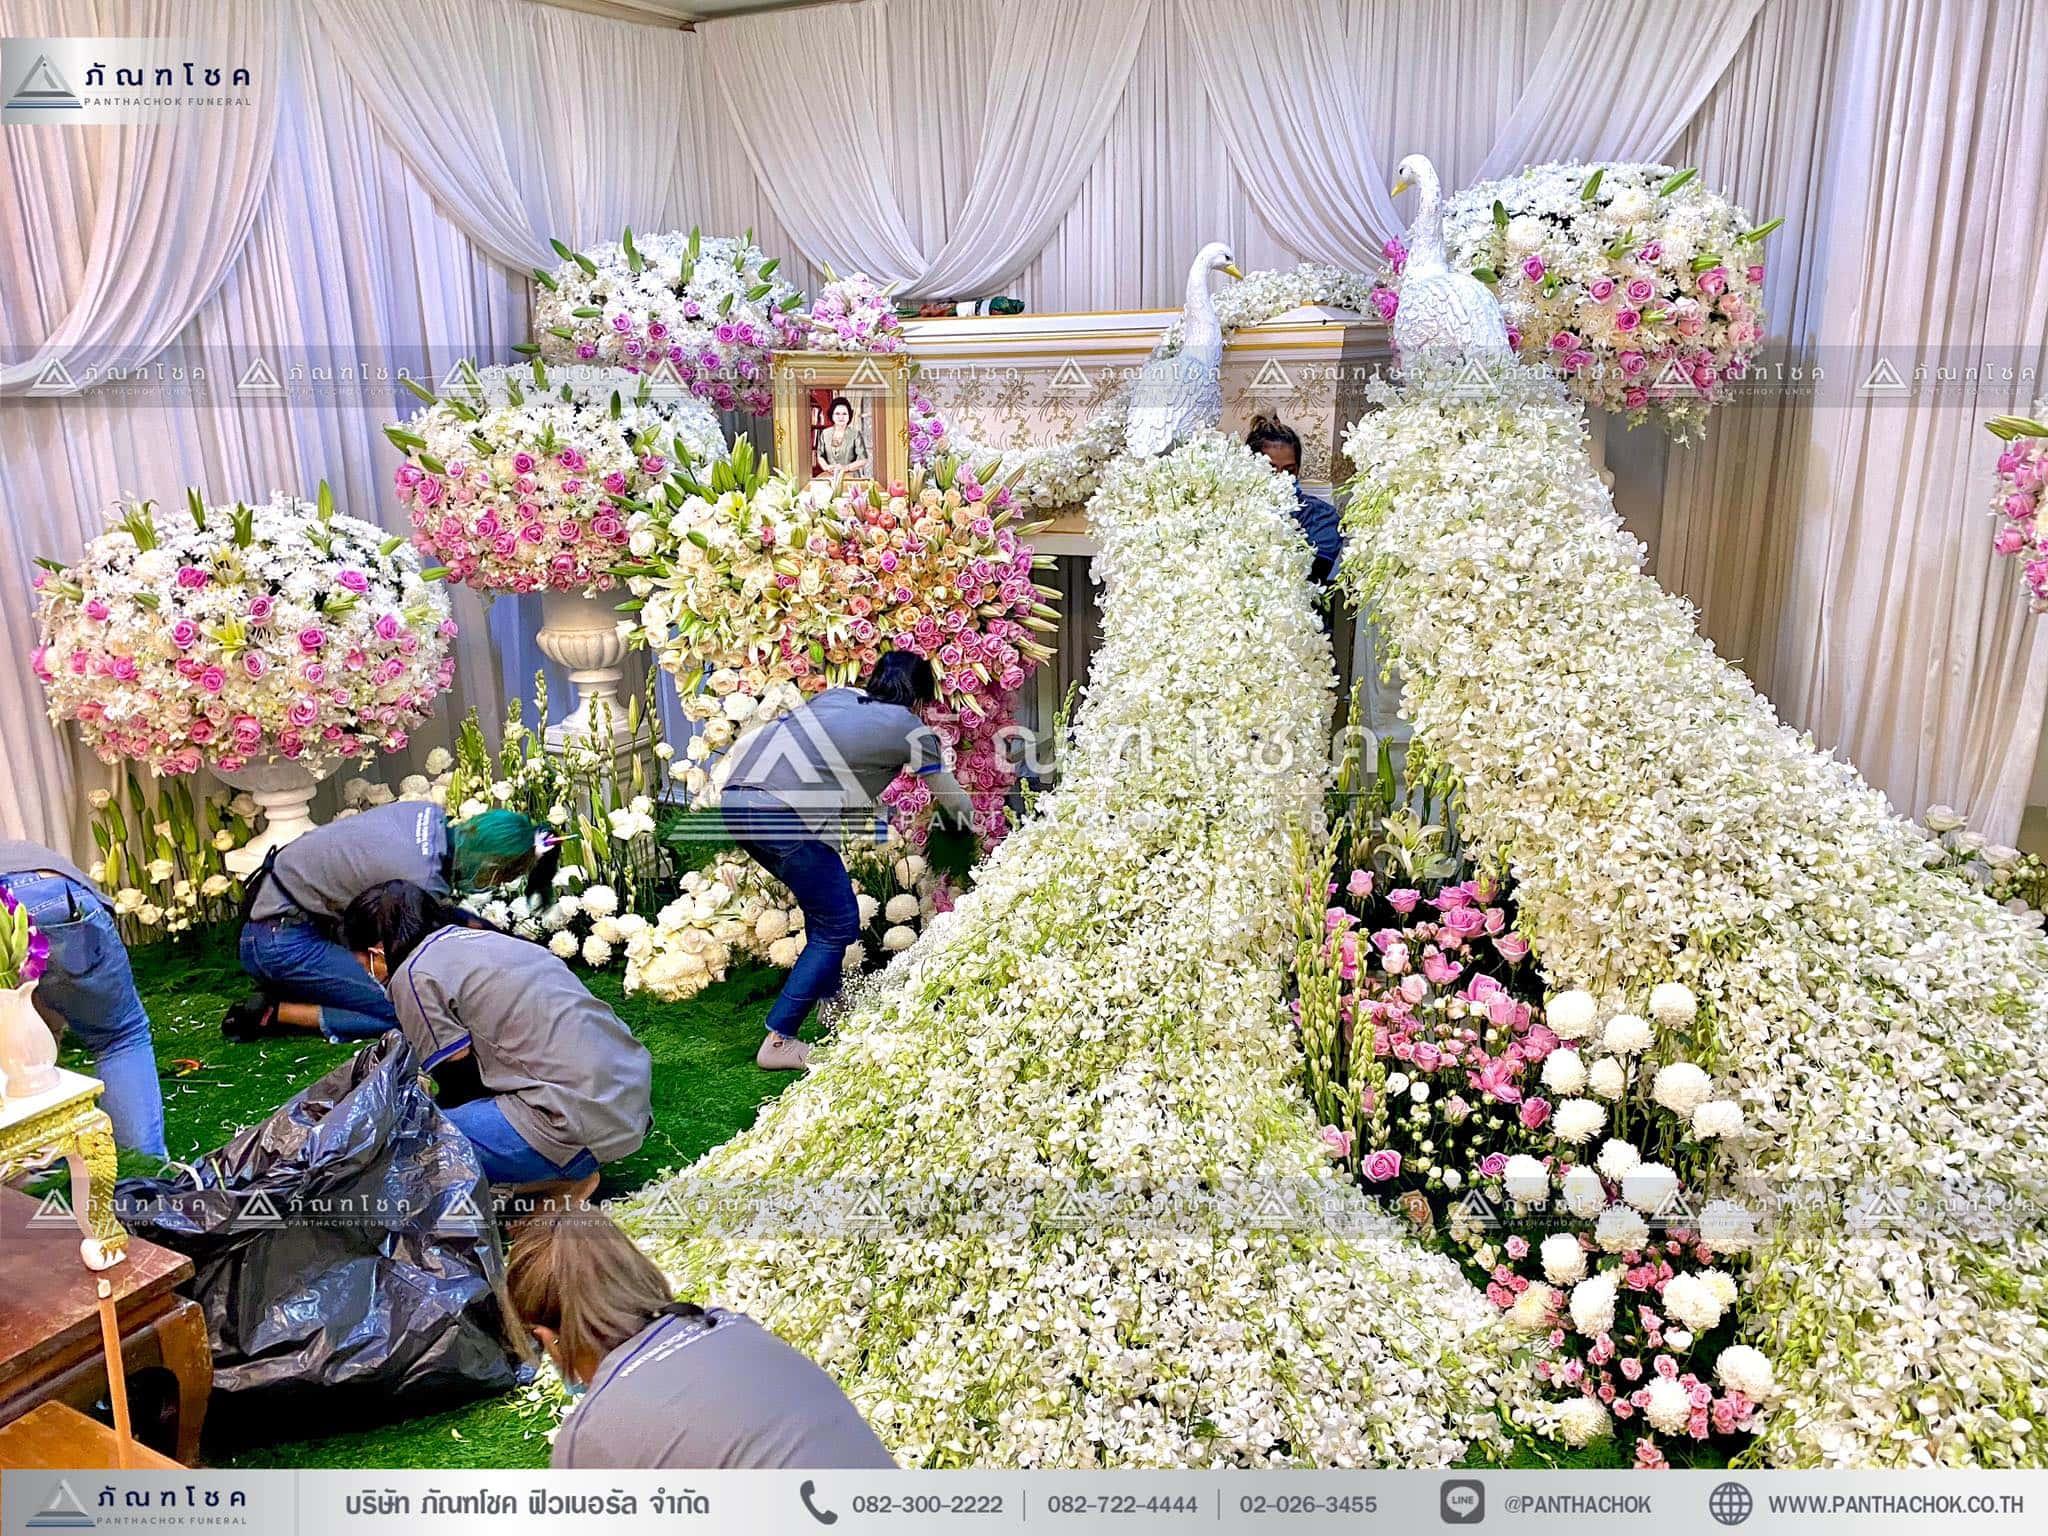 ดอกไม้สดหน้าศพกรุงเทพแบบหรูหรา นกยูงงานศพ รับจัดงานศพแบบนกยูง